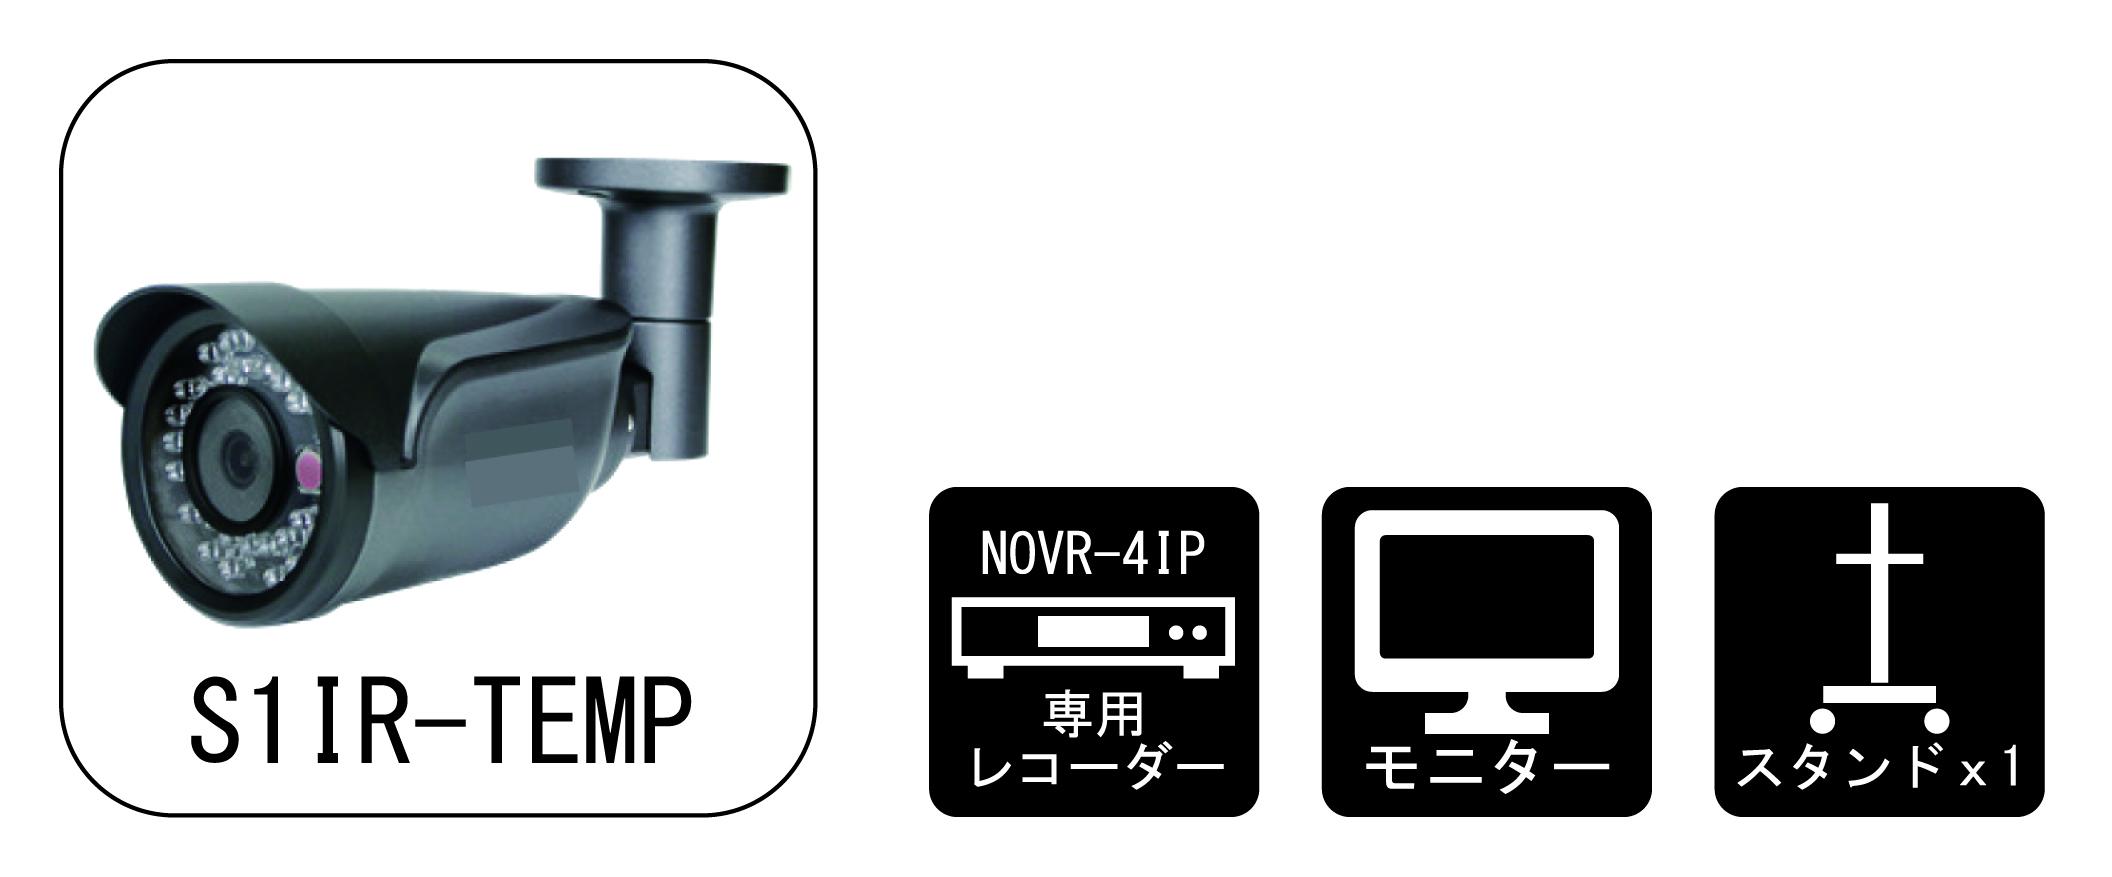 体表面計測専用サーモグラフィシステム プライベートパック